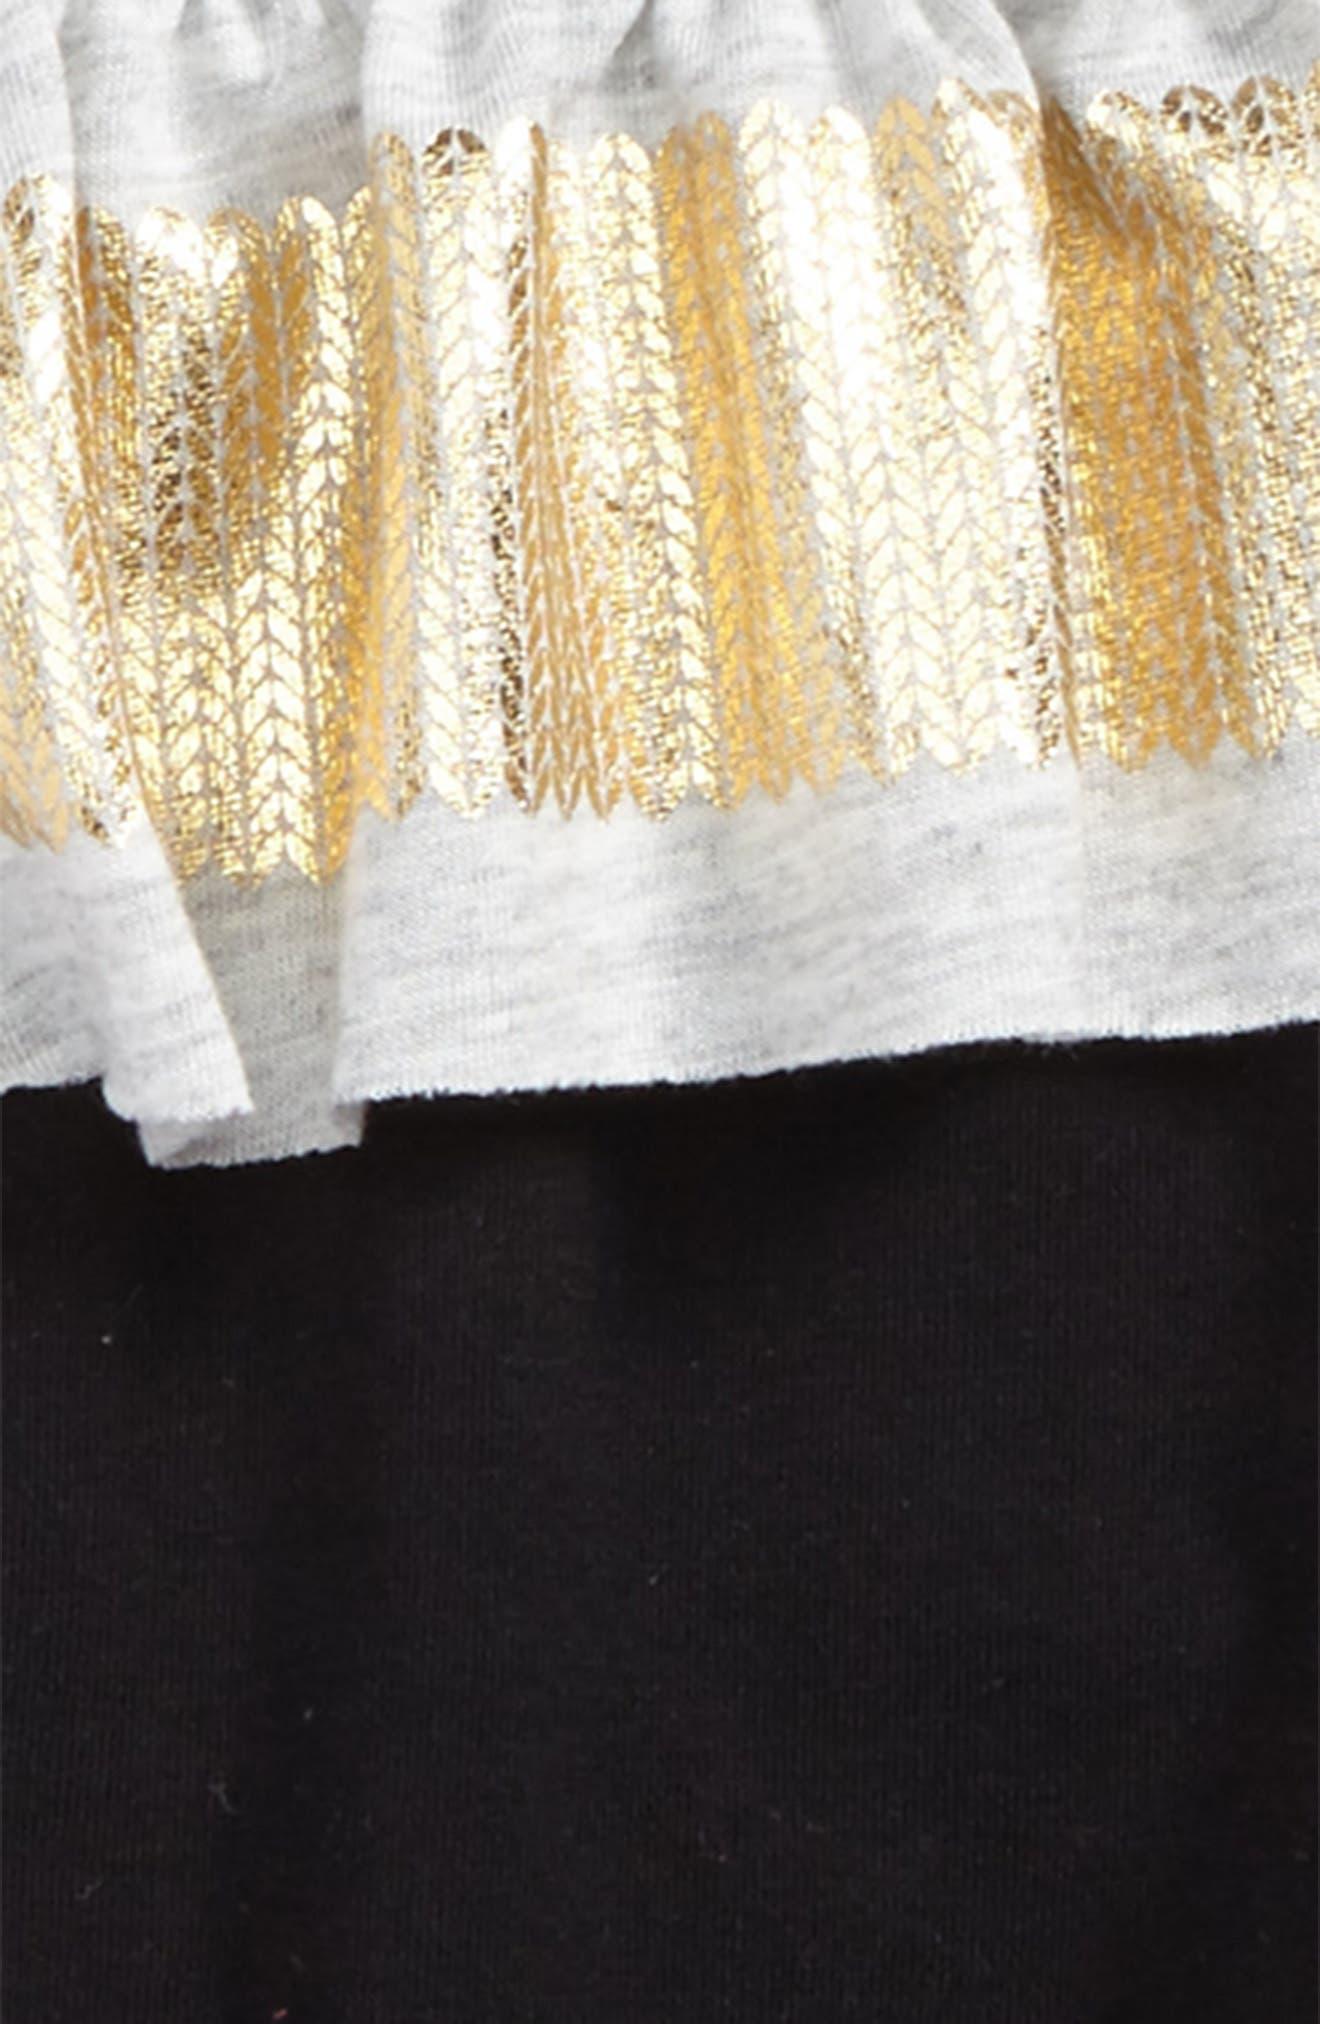 Shimmer Stripe Ruffle Top & Leggings Set,                             Alternate thumbnail 2, color,